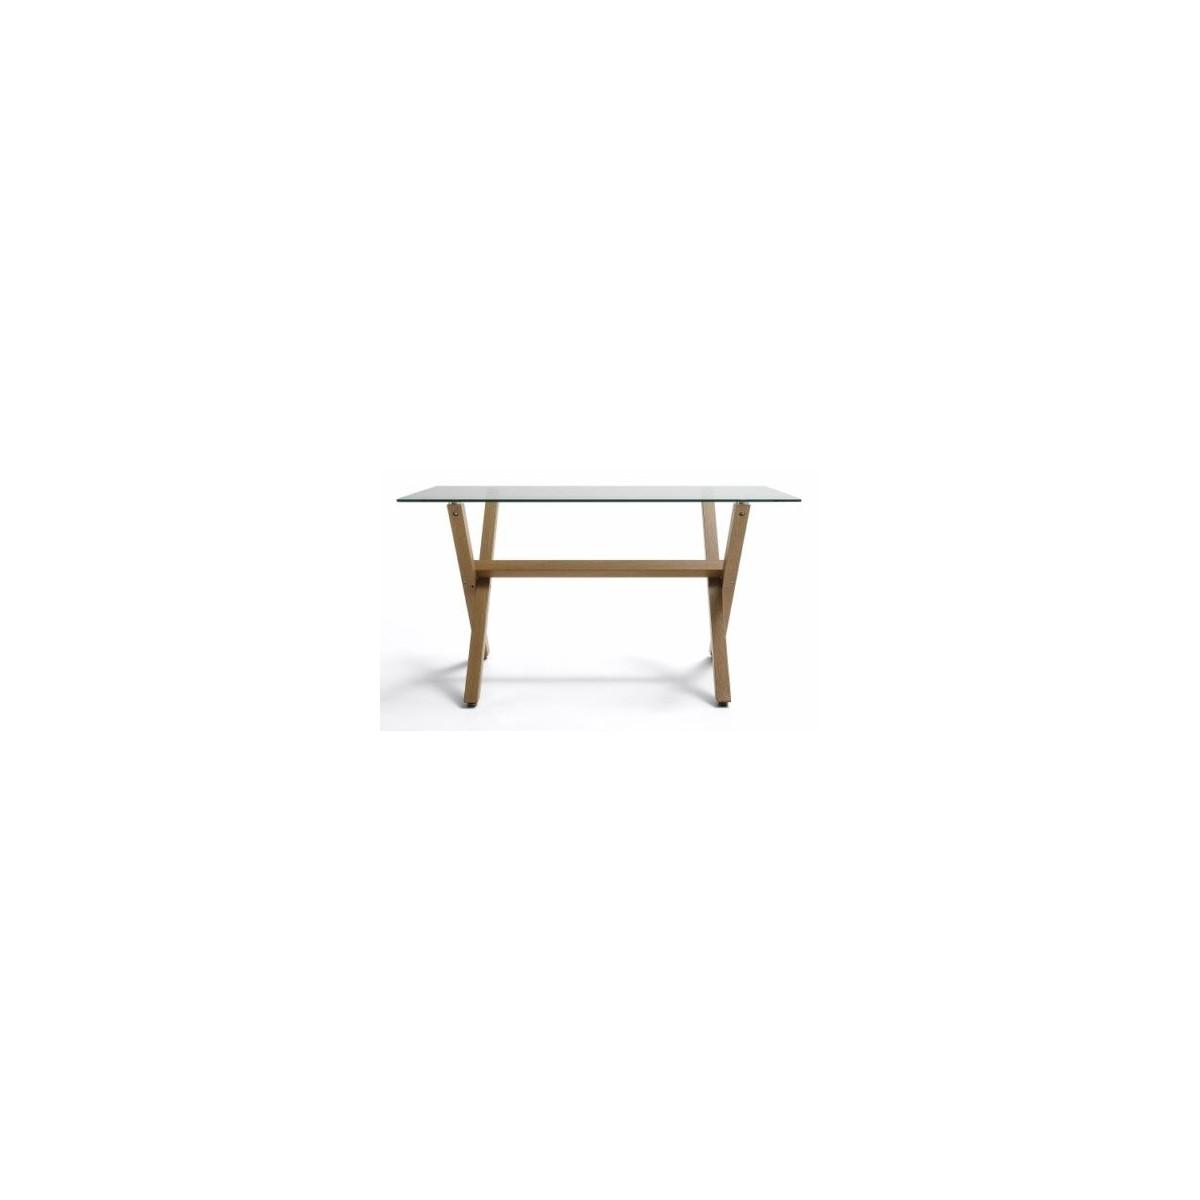 Mesa de comedor estilo n rdico modelo rem mubeko for Mesa comedor estilo nordico